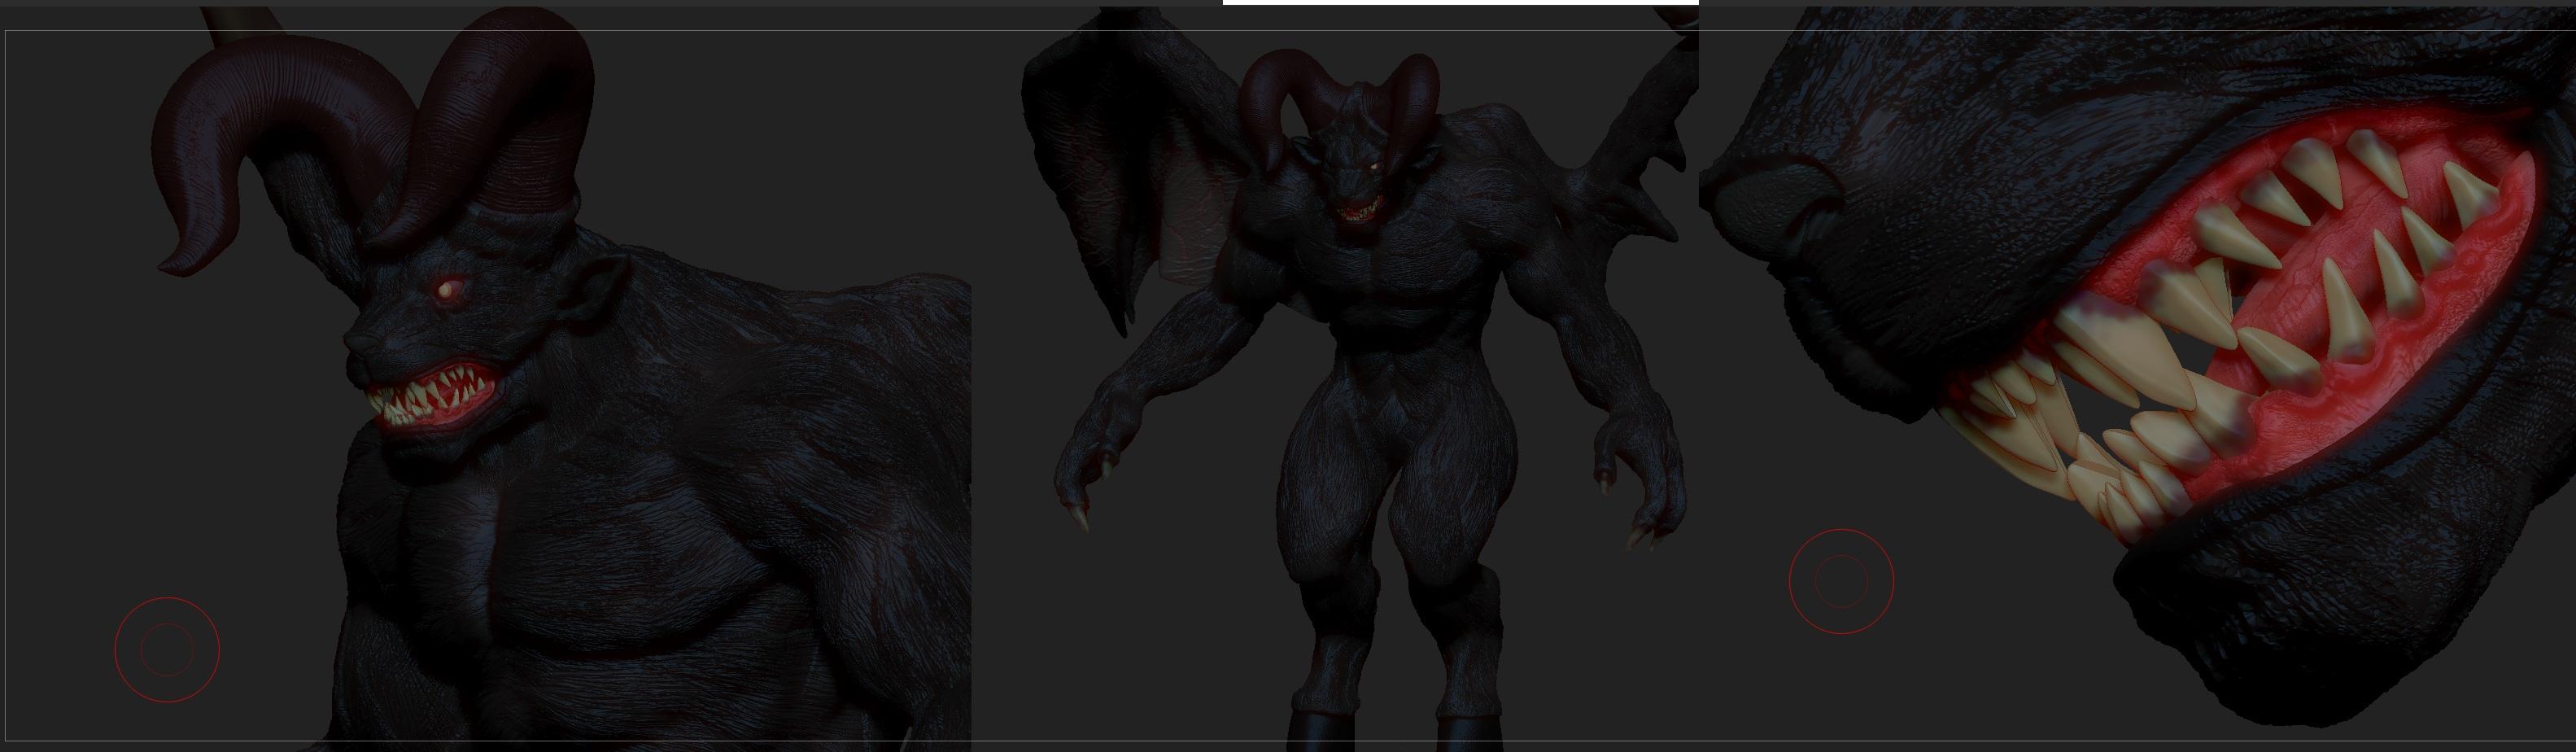 Demon werewolf skyrim - photo#9